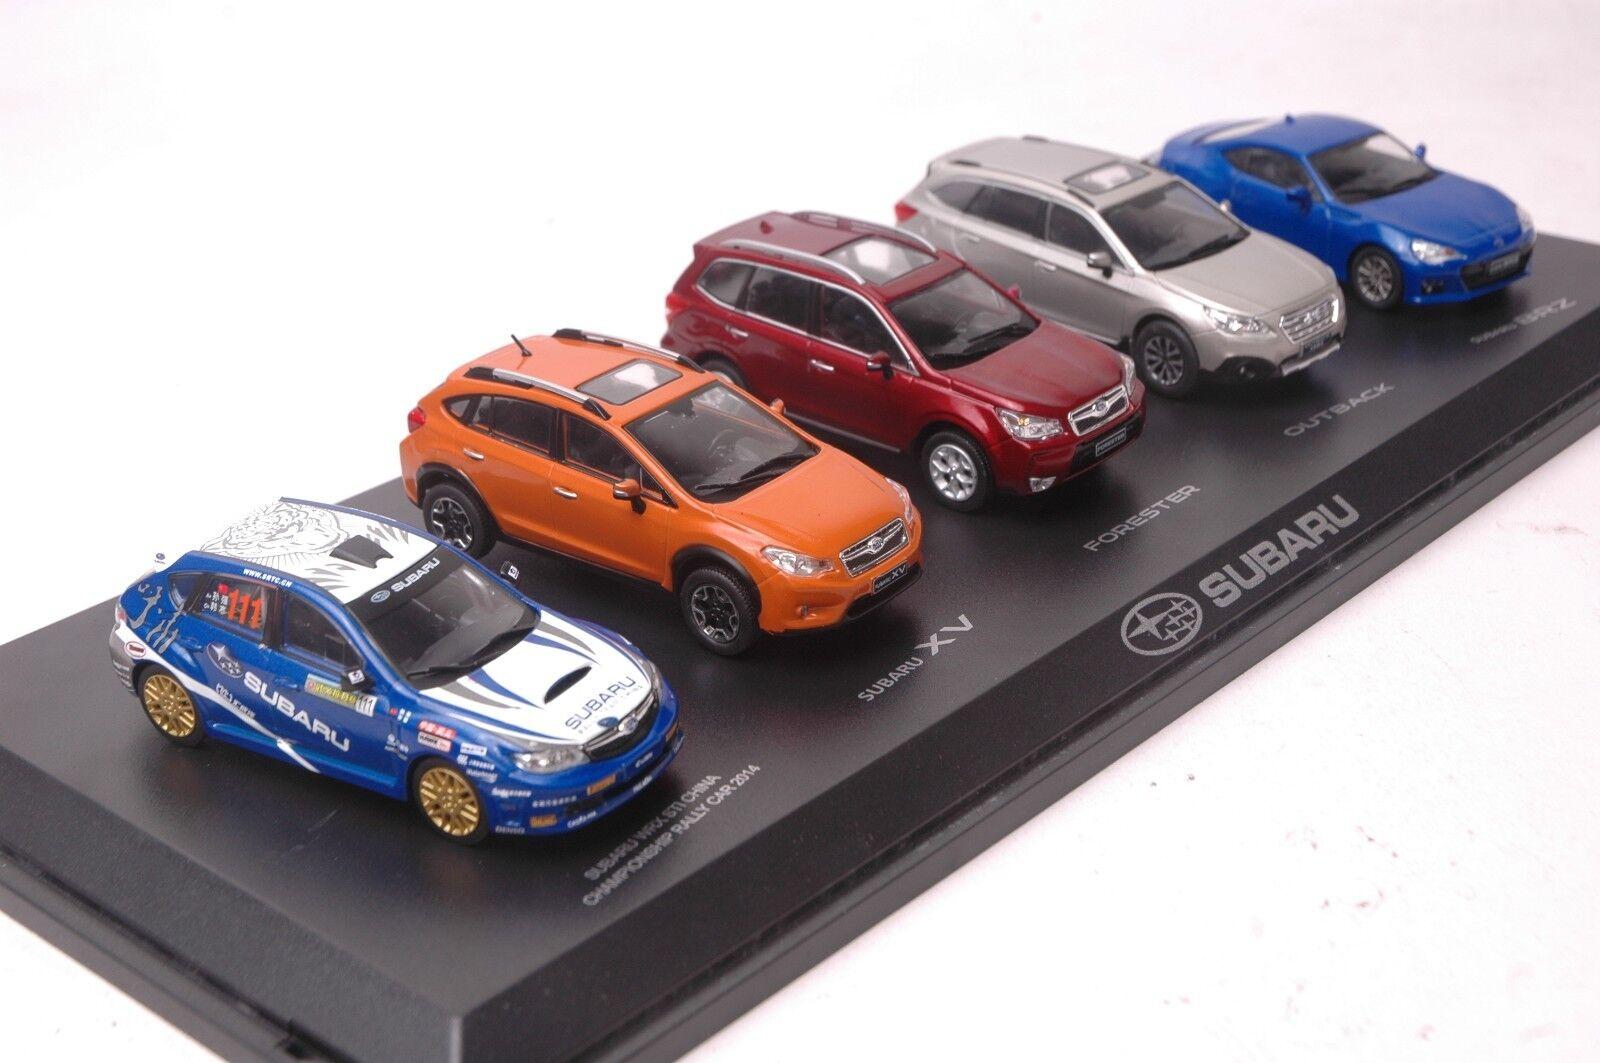 Un conjunto de modelos de coche Subaru Edición limitada en escala 143